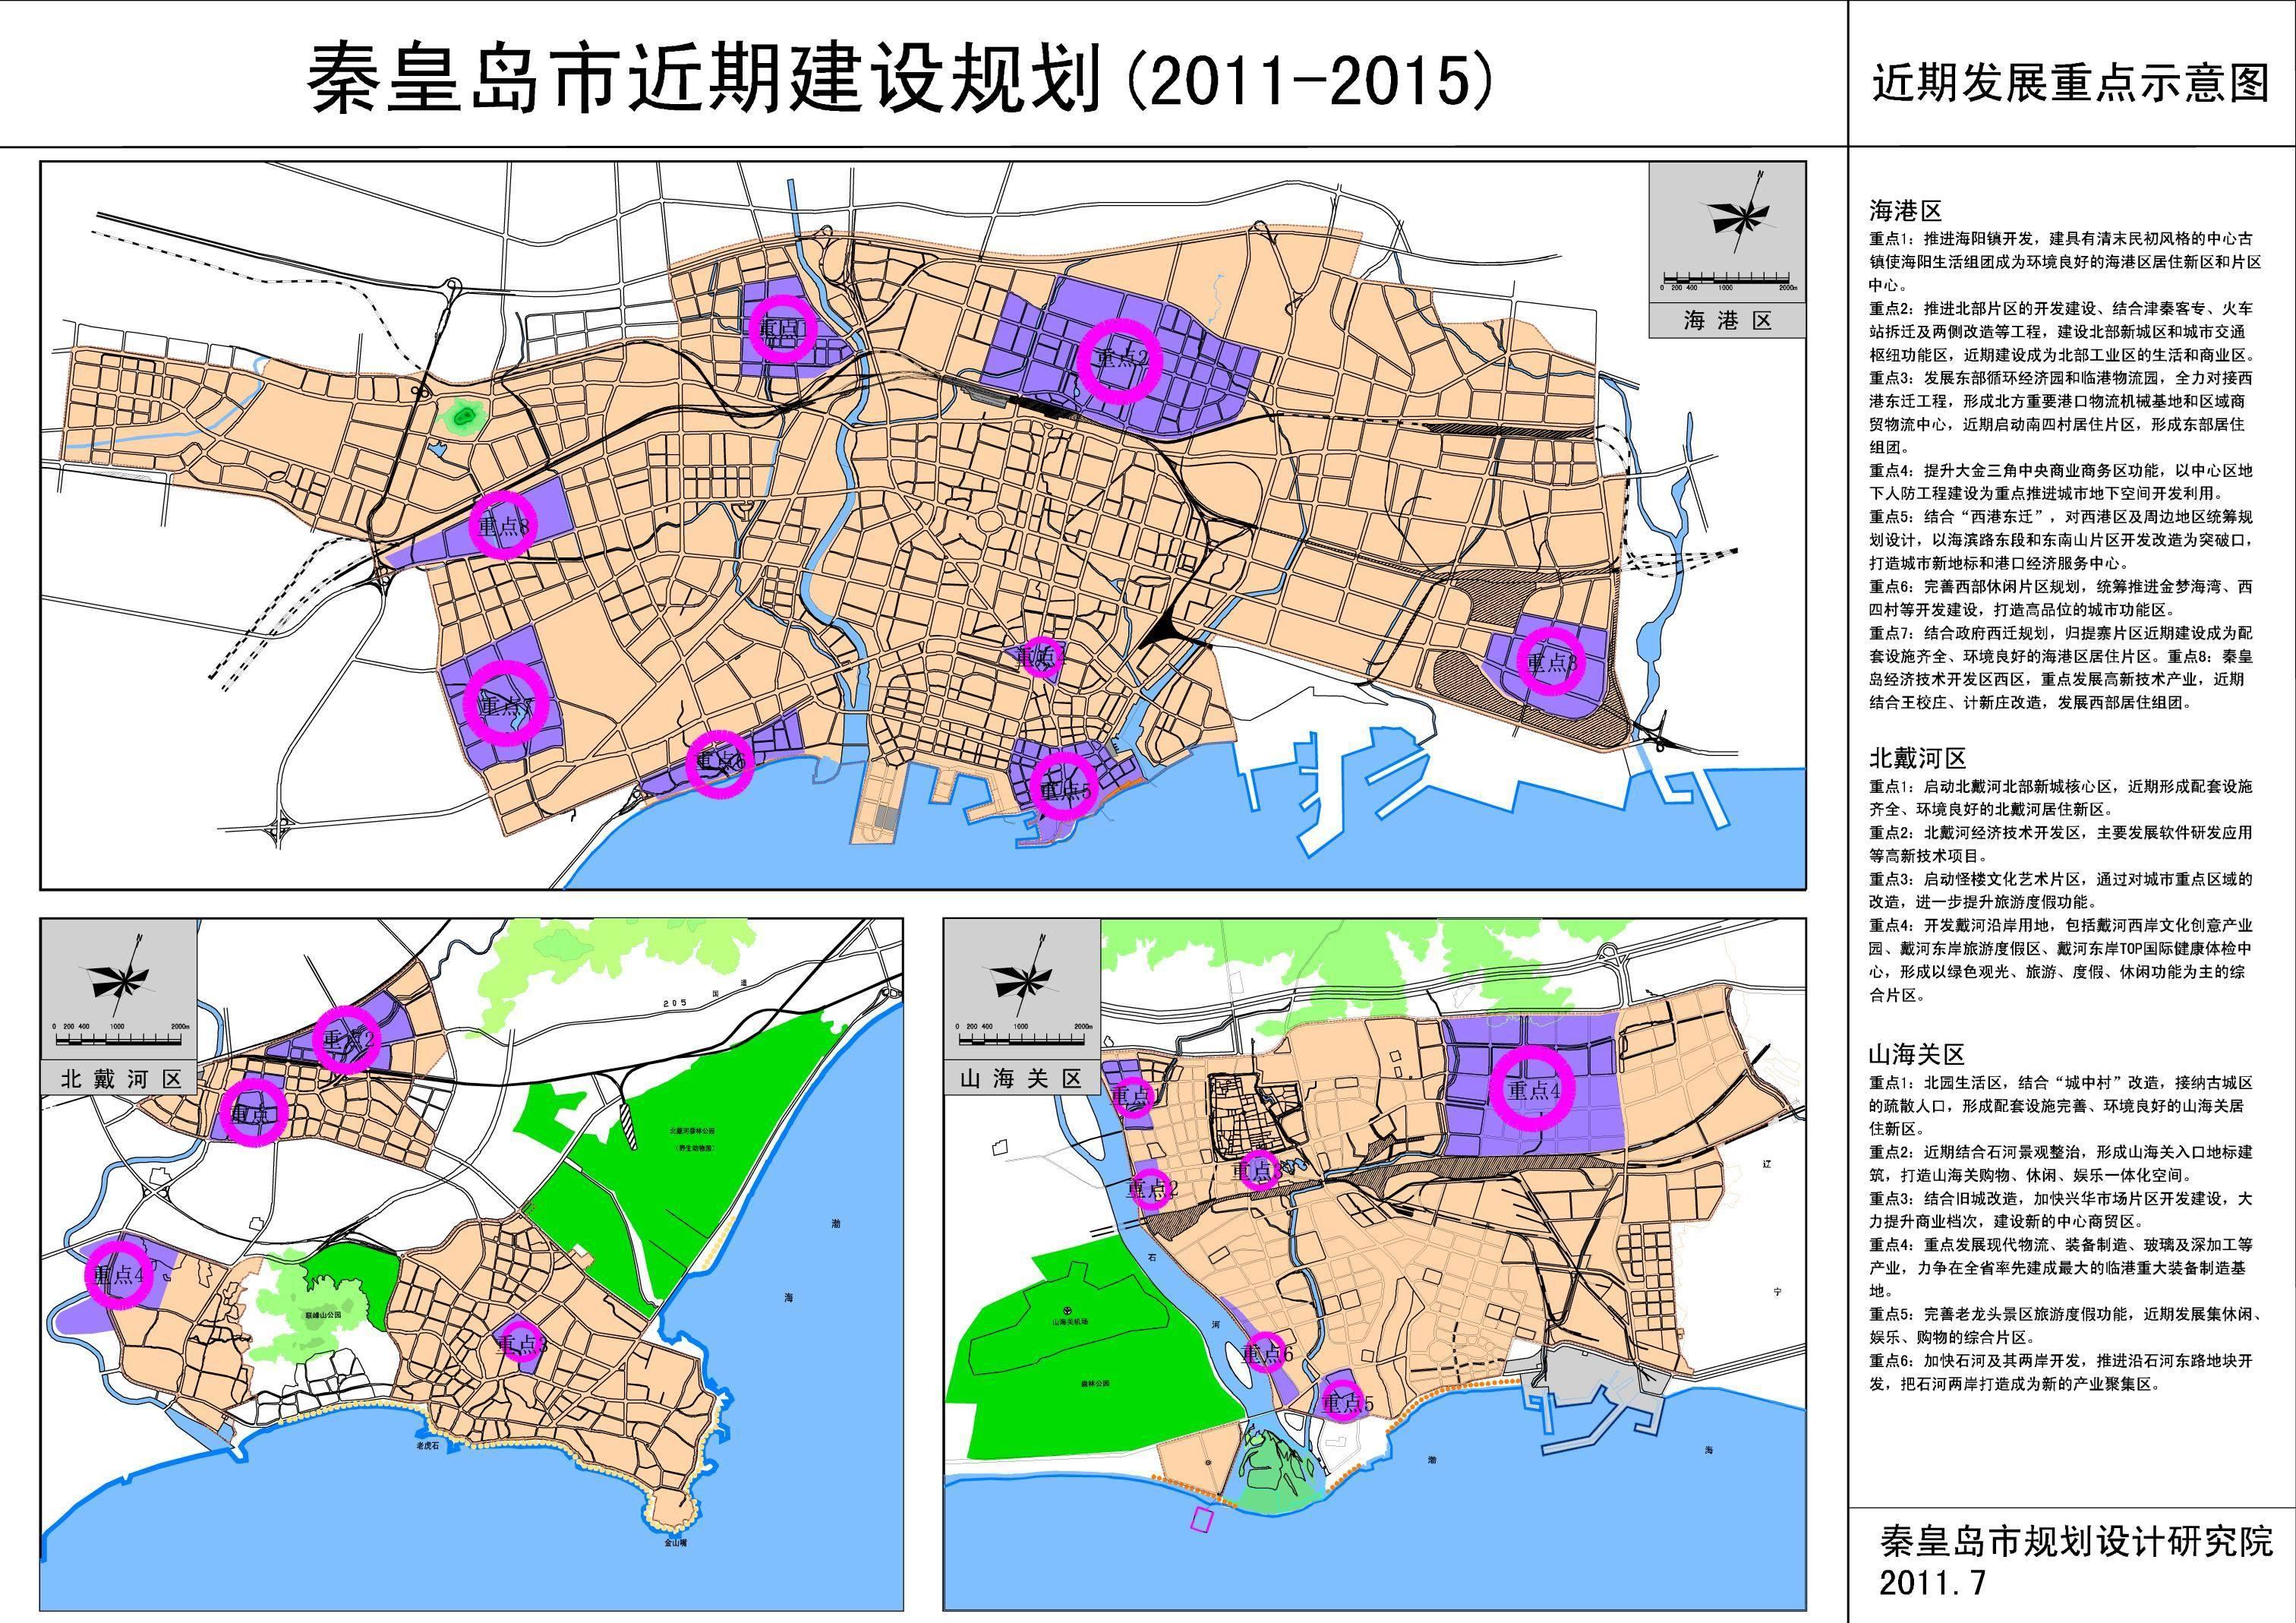 秦皇岛市近期建设规划(2011-2015)公示公告   根据建规[2011]31号《关于加强十二五近期建设规划制定工作的通知》文件精神,《秦皇岛市近期建设规划(2011-2015)》纲要已经编制完成。根据《中华人民共和国城乡规划法》、《中华人民共和国城市规划编制办法》和《秦皇岛市规划公示办法》有关规定,现将该规划面向社会公示,广泛征求社会各界及公众意见,以便进一步修改完善,并将最终成果报规委会审定。特公告如下:   一、公示时间:30天(2011年8月21日至2011年9月19日)   二、公示地点